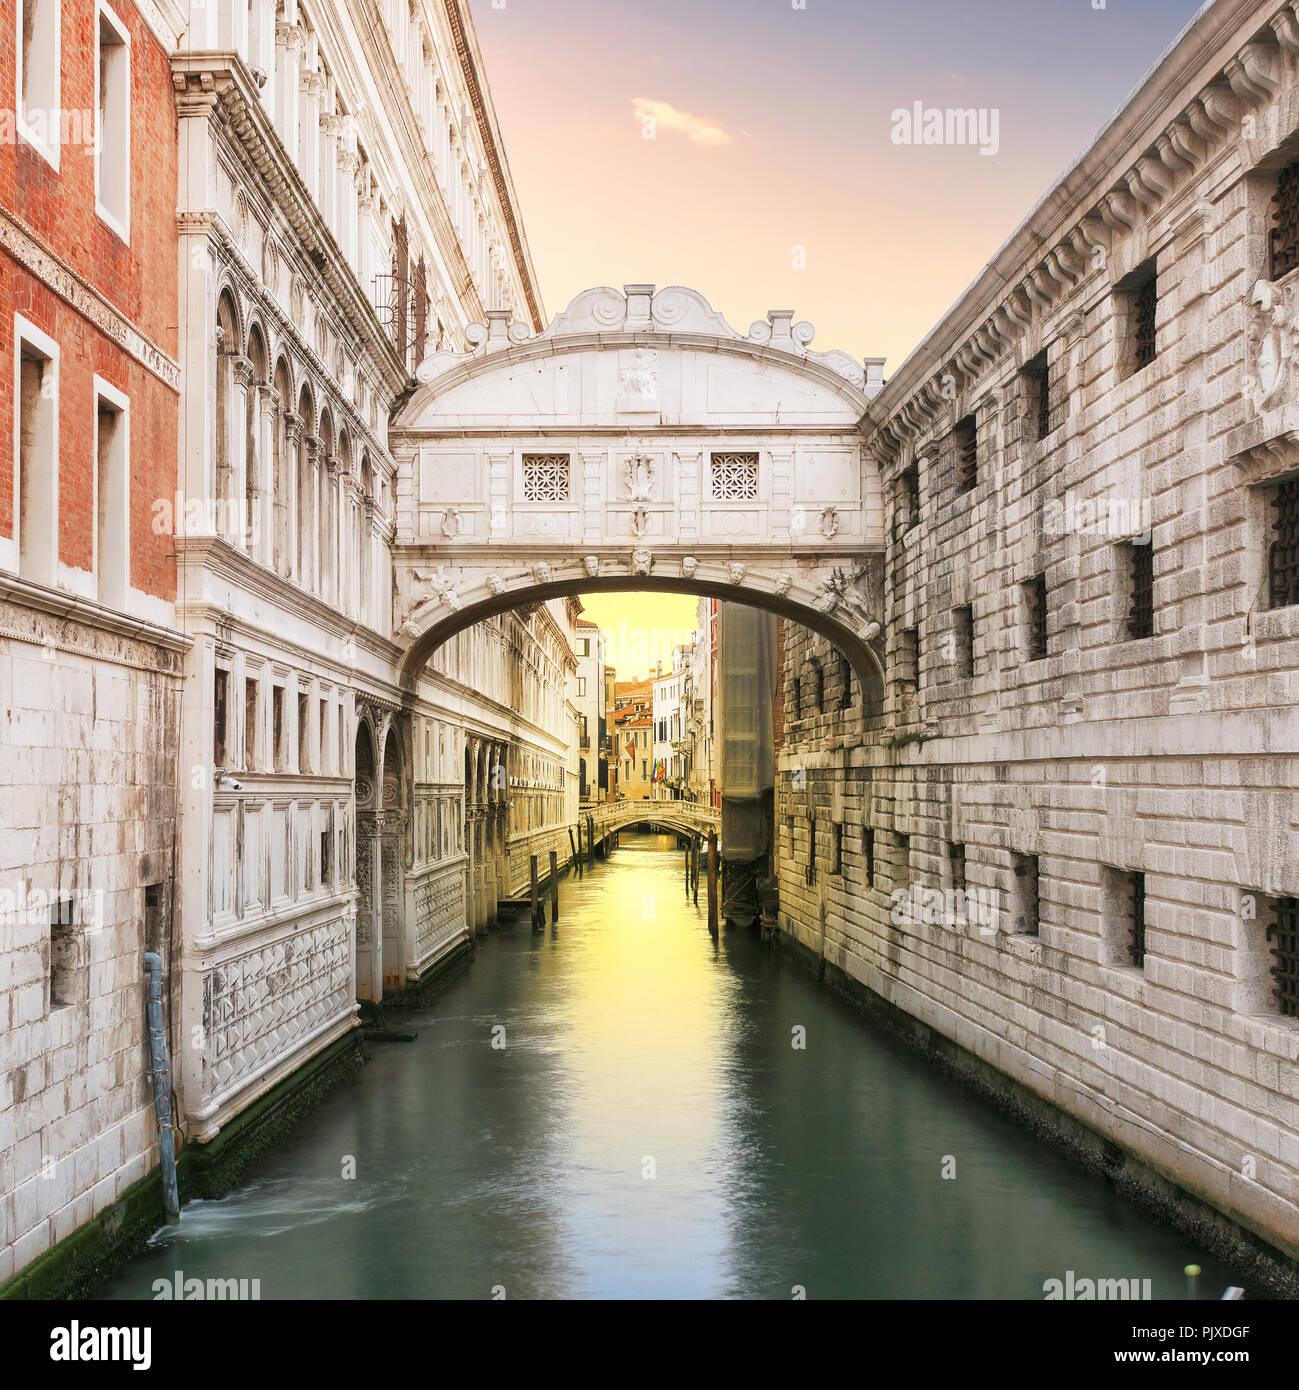 Sonnenaufgang an der Seufzerbrücke, Venedig, Italien. Stockbild